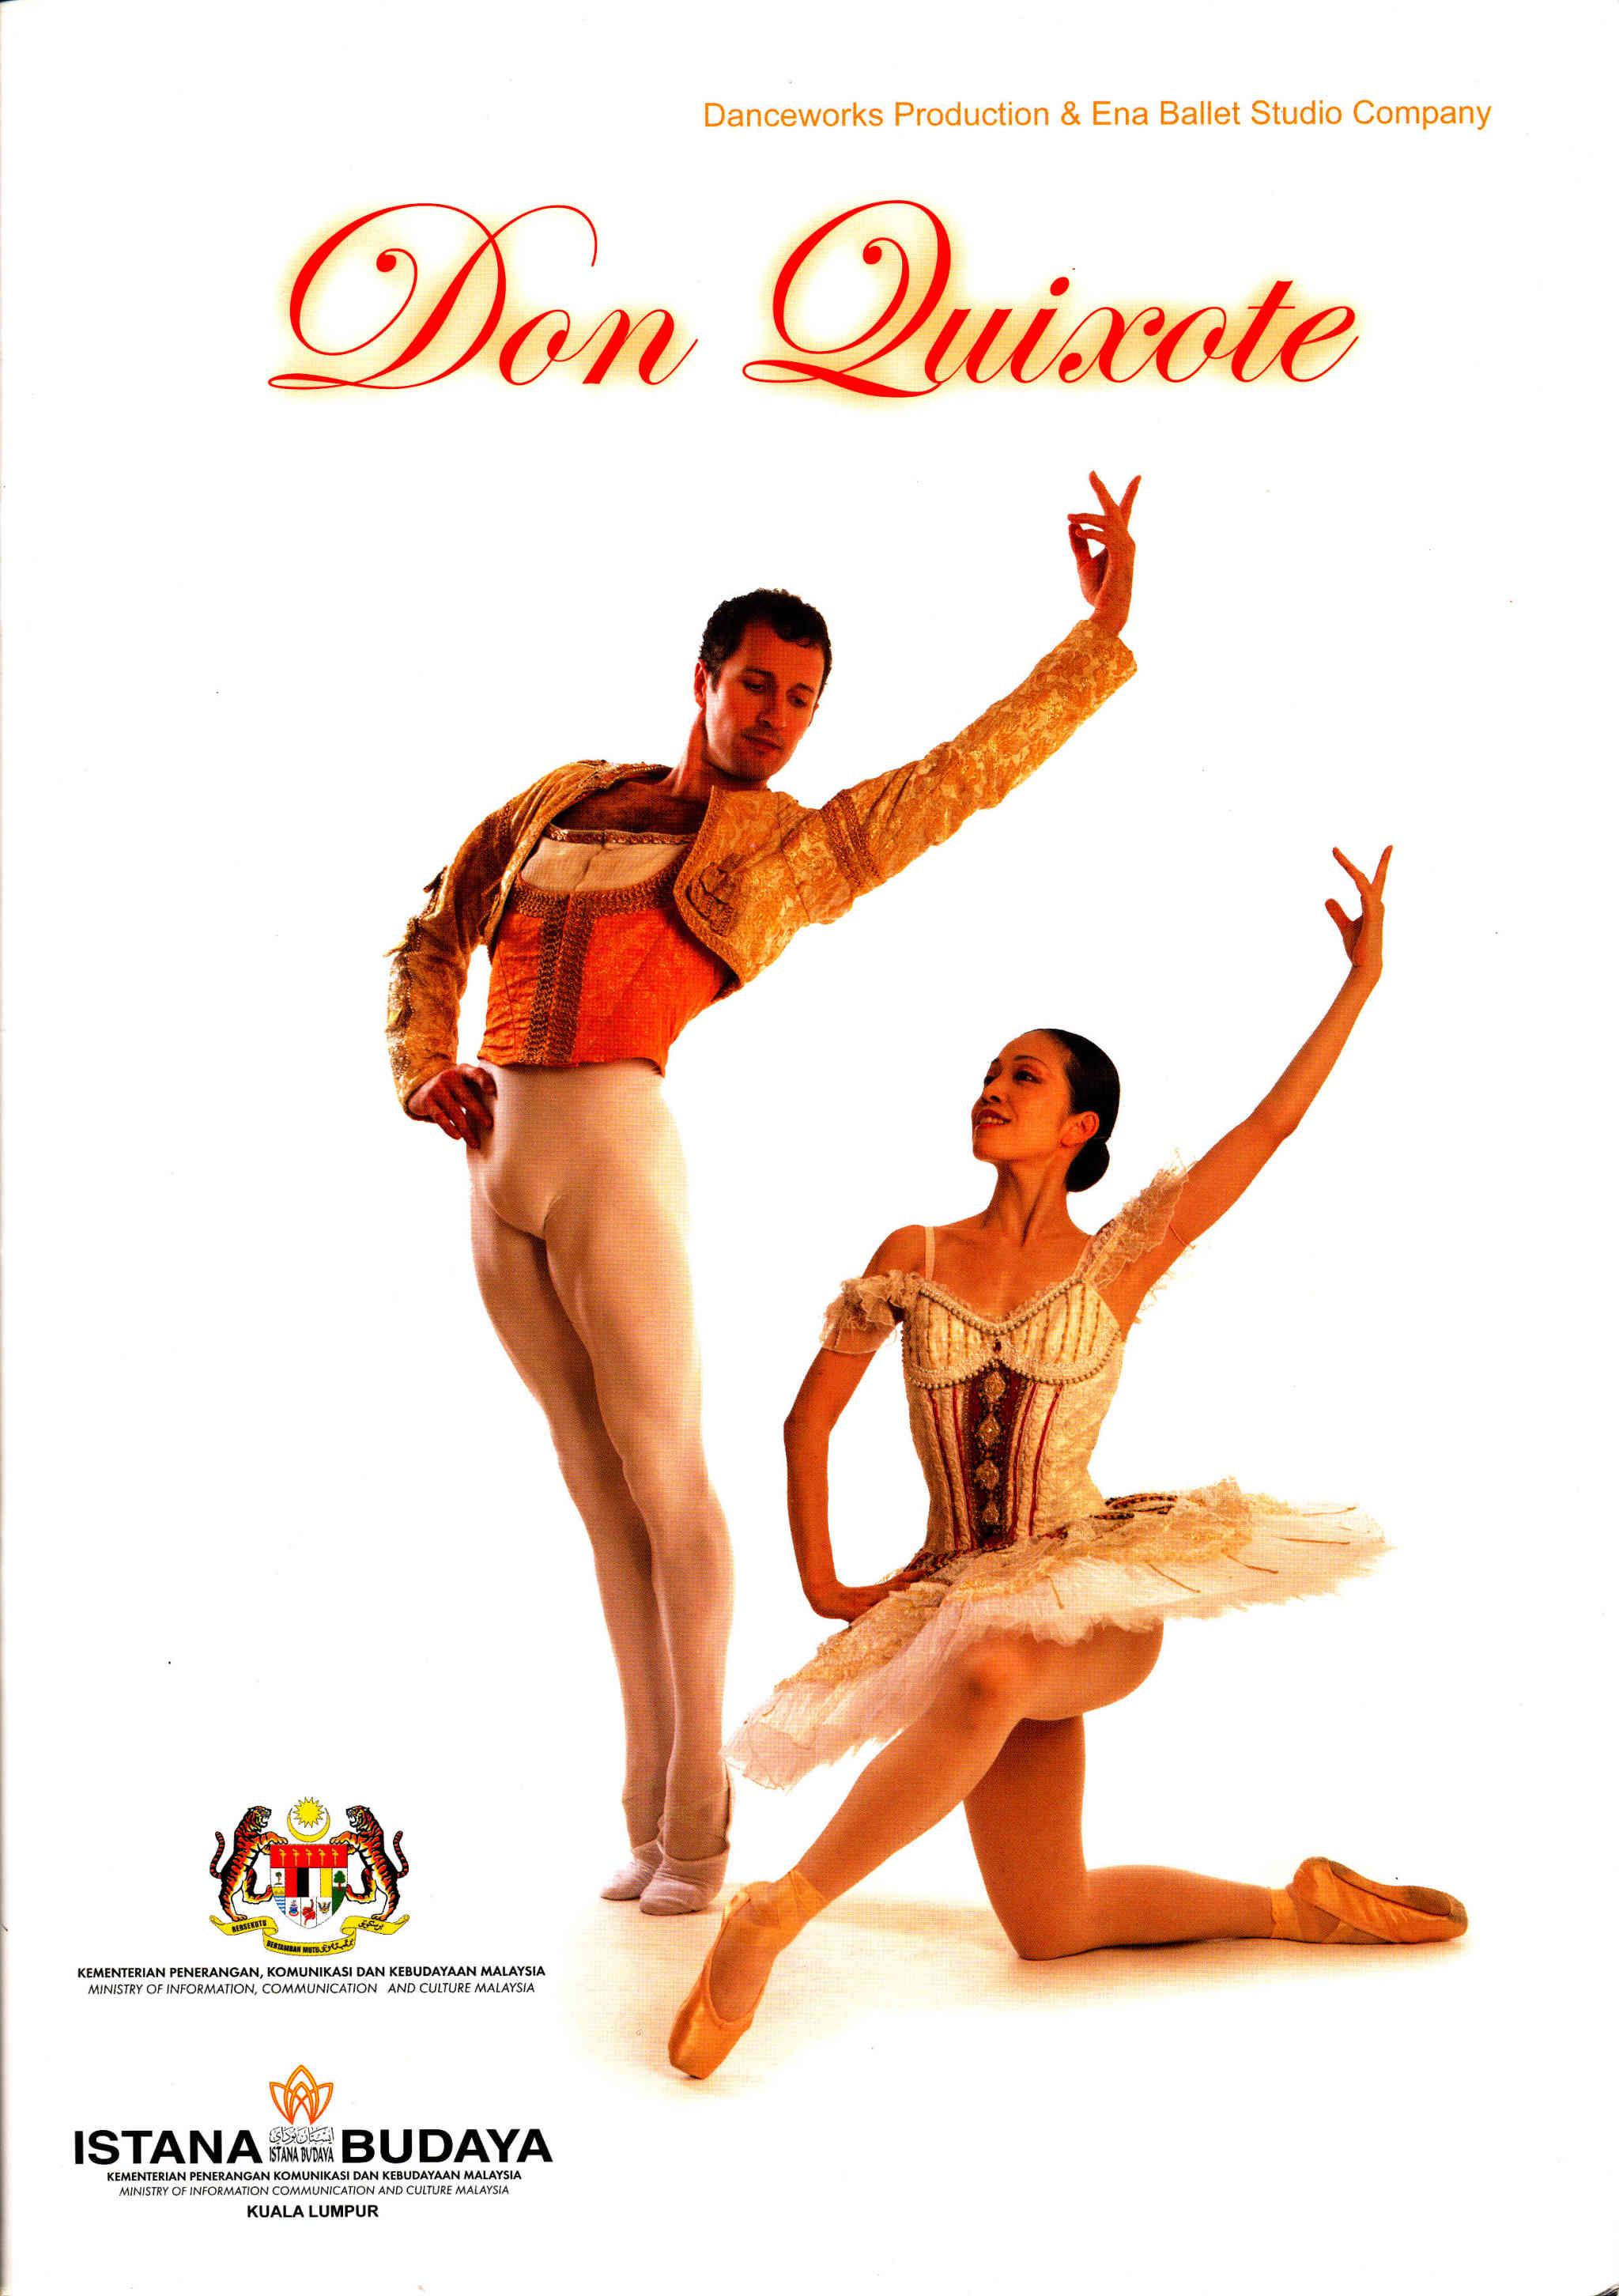 2011 Don Quixote Cover